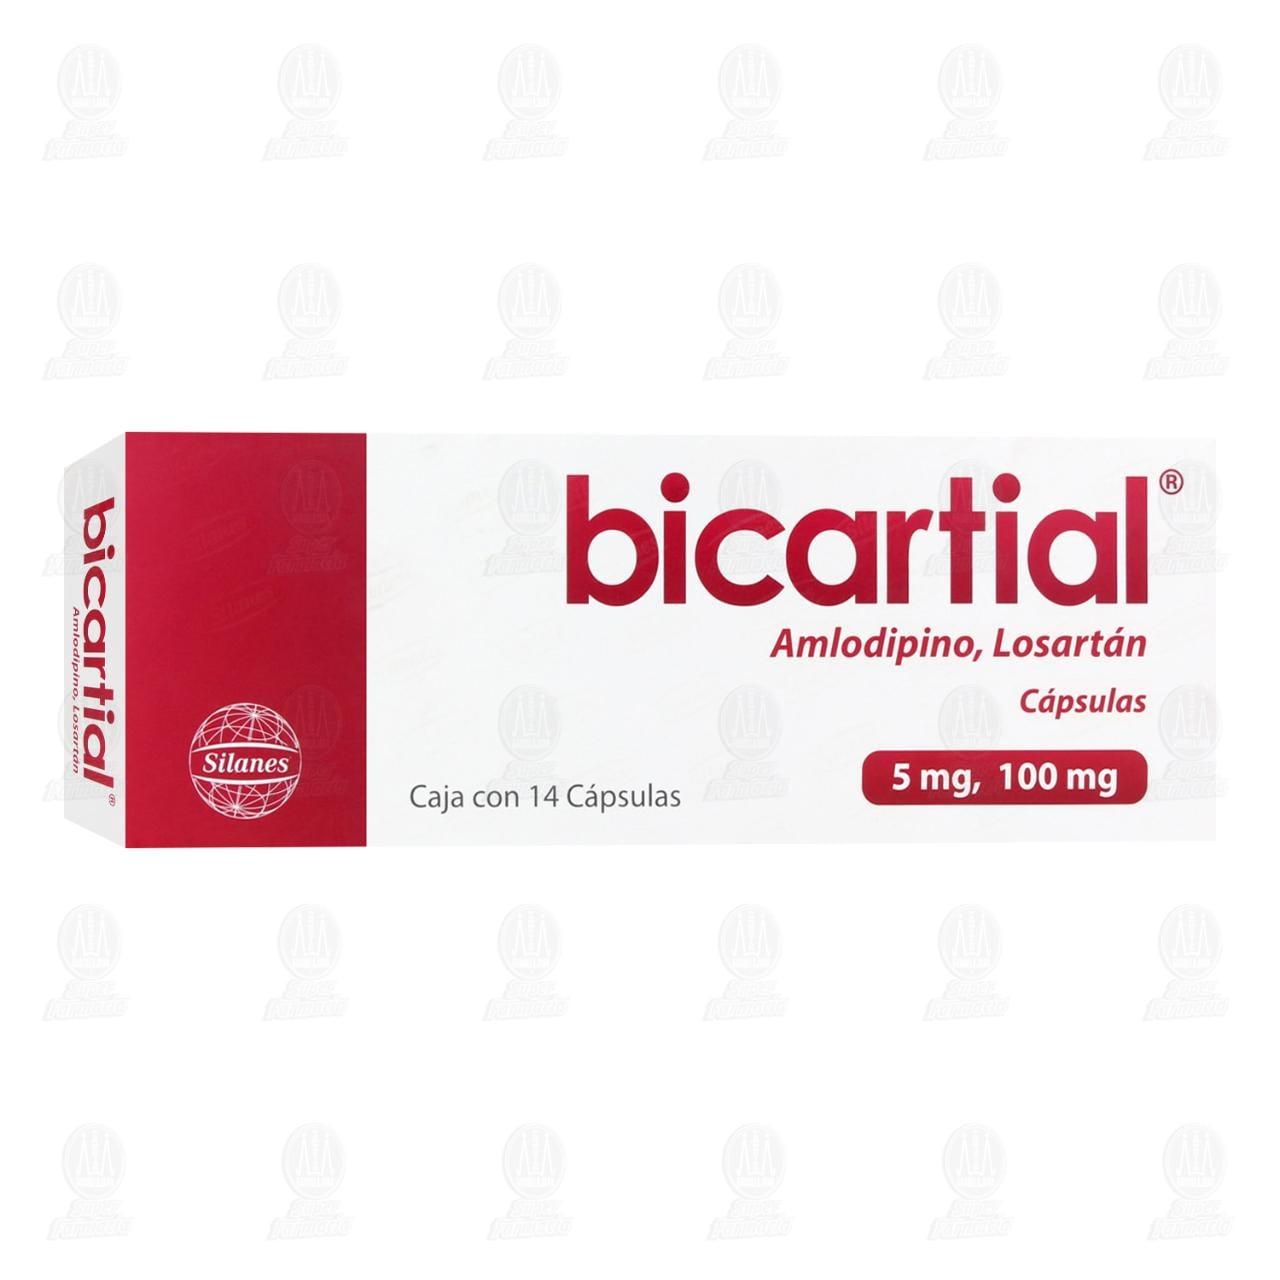 comprar https://www.movil.farmaciasguadalajara.com/wcsstore/FGCAS/wcs/products/1109731_A_1280_AL.jpg en farmacias guadalajara